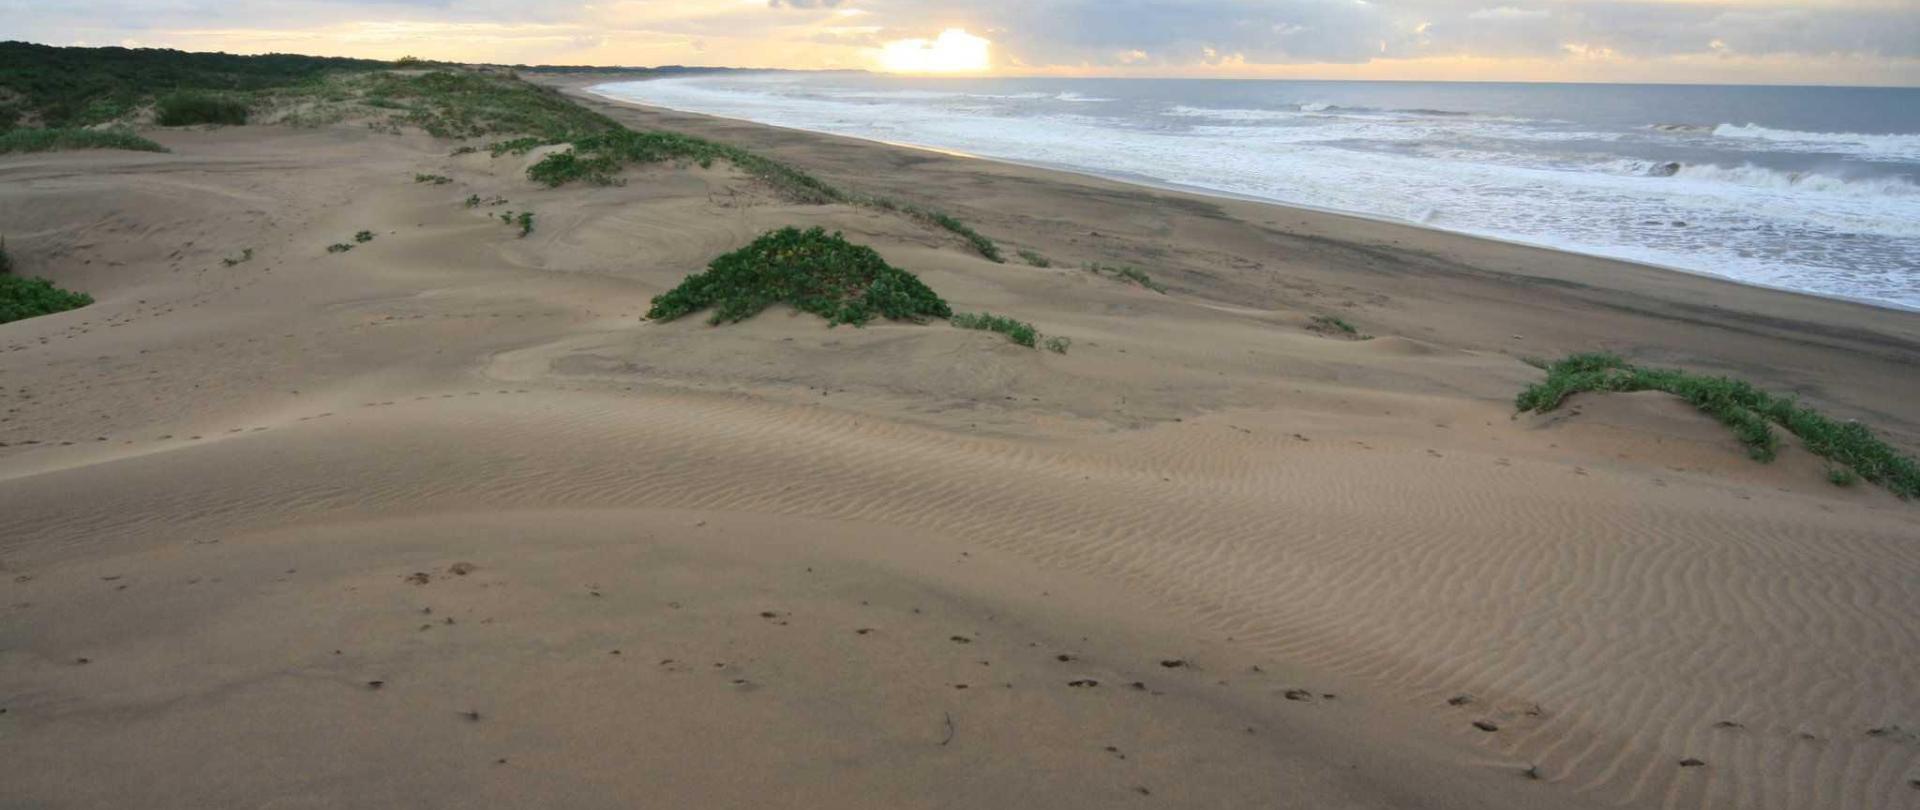 mtunzini-beach_5995-1.jpg